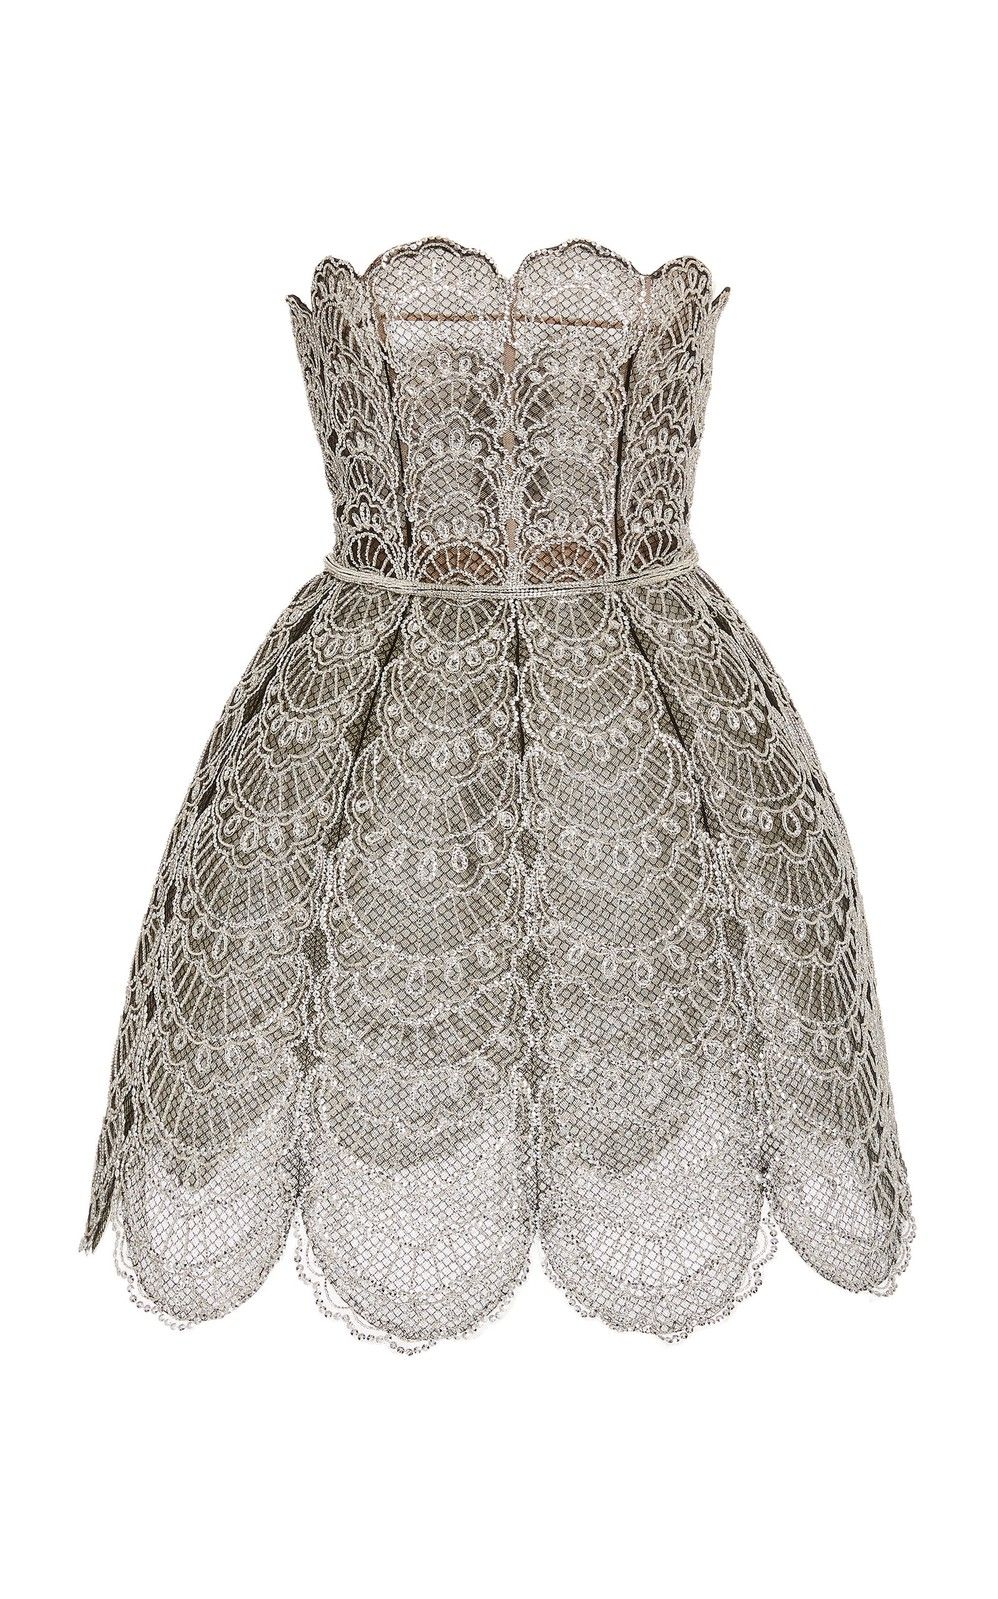 Broderie Strapless Dress by Oscar de la Renta   Moda Operandi – Fancy